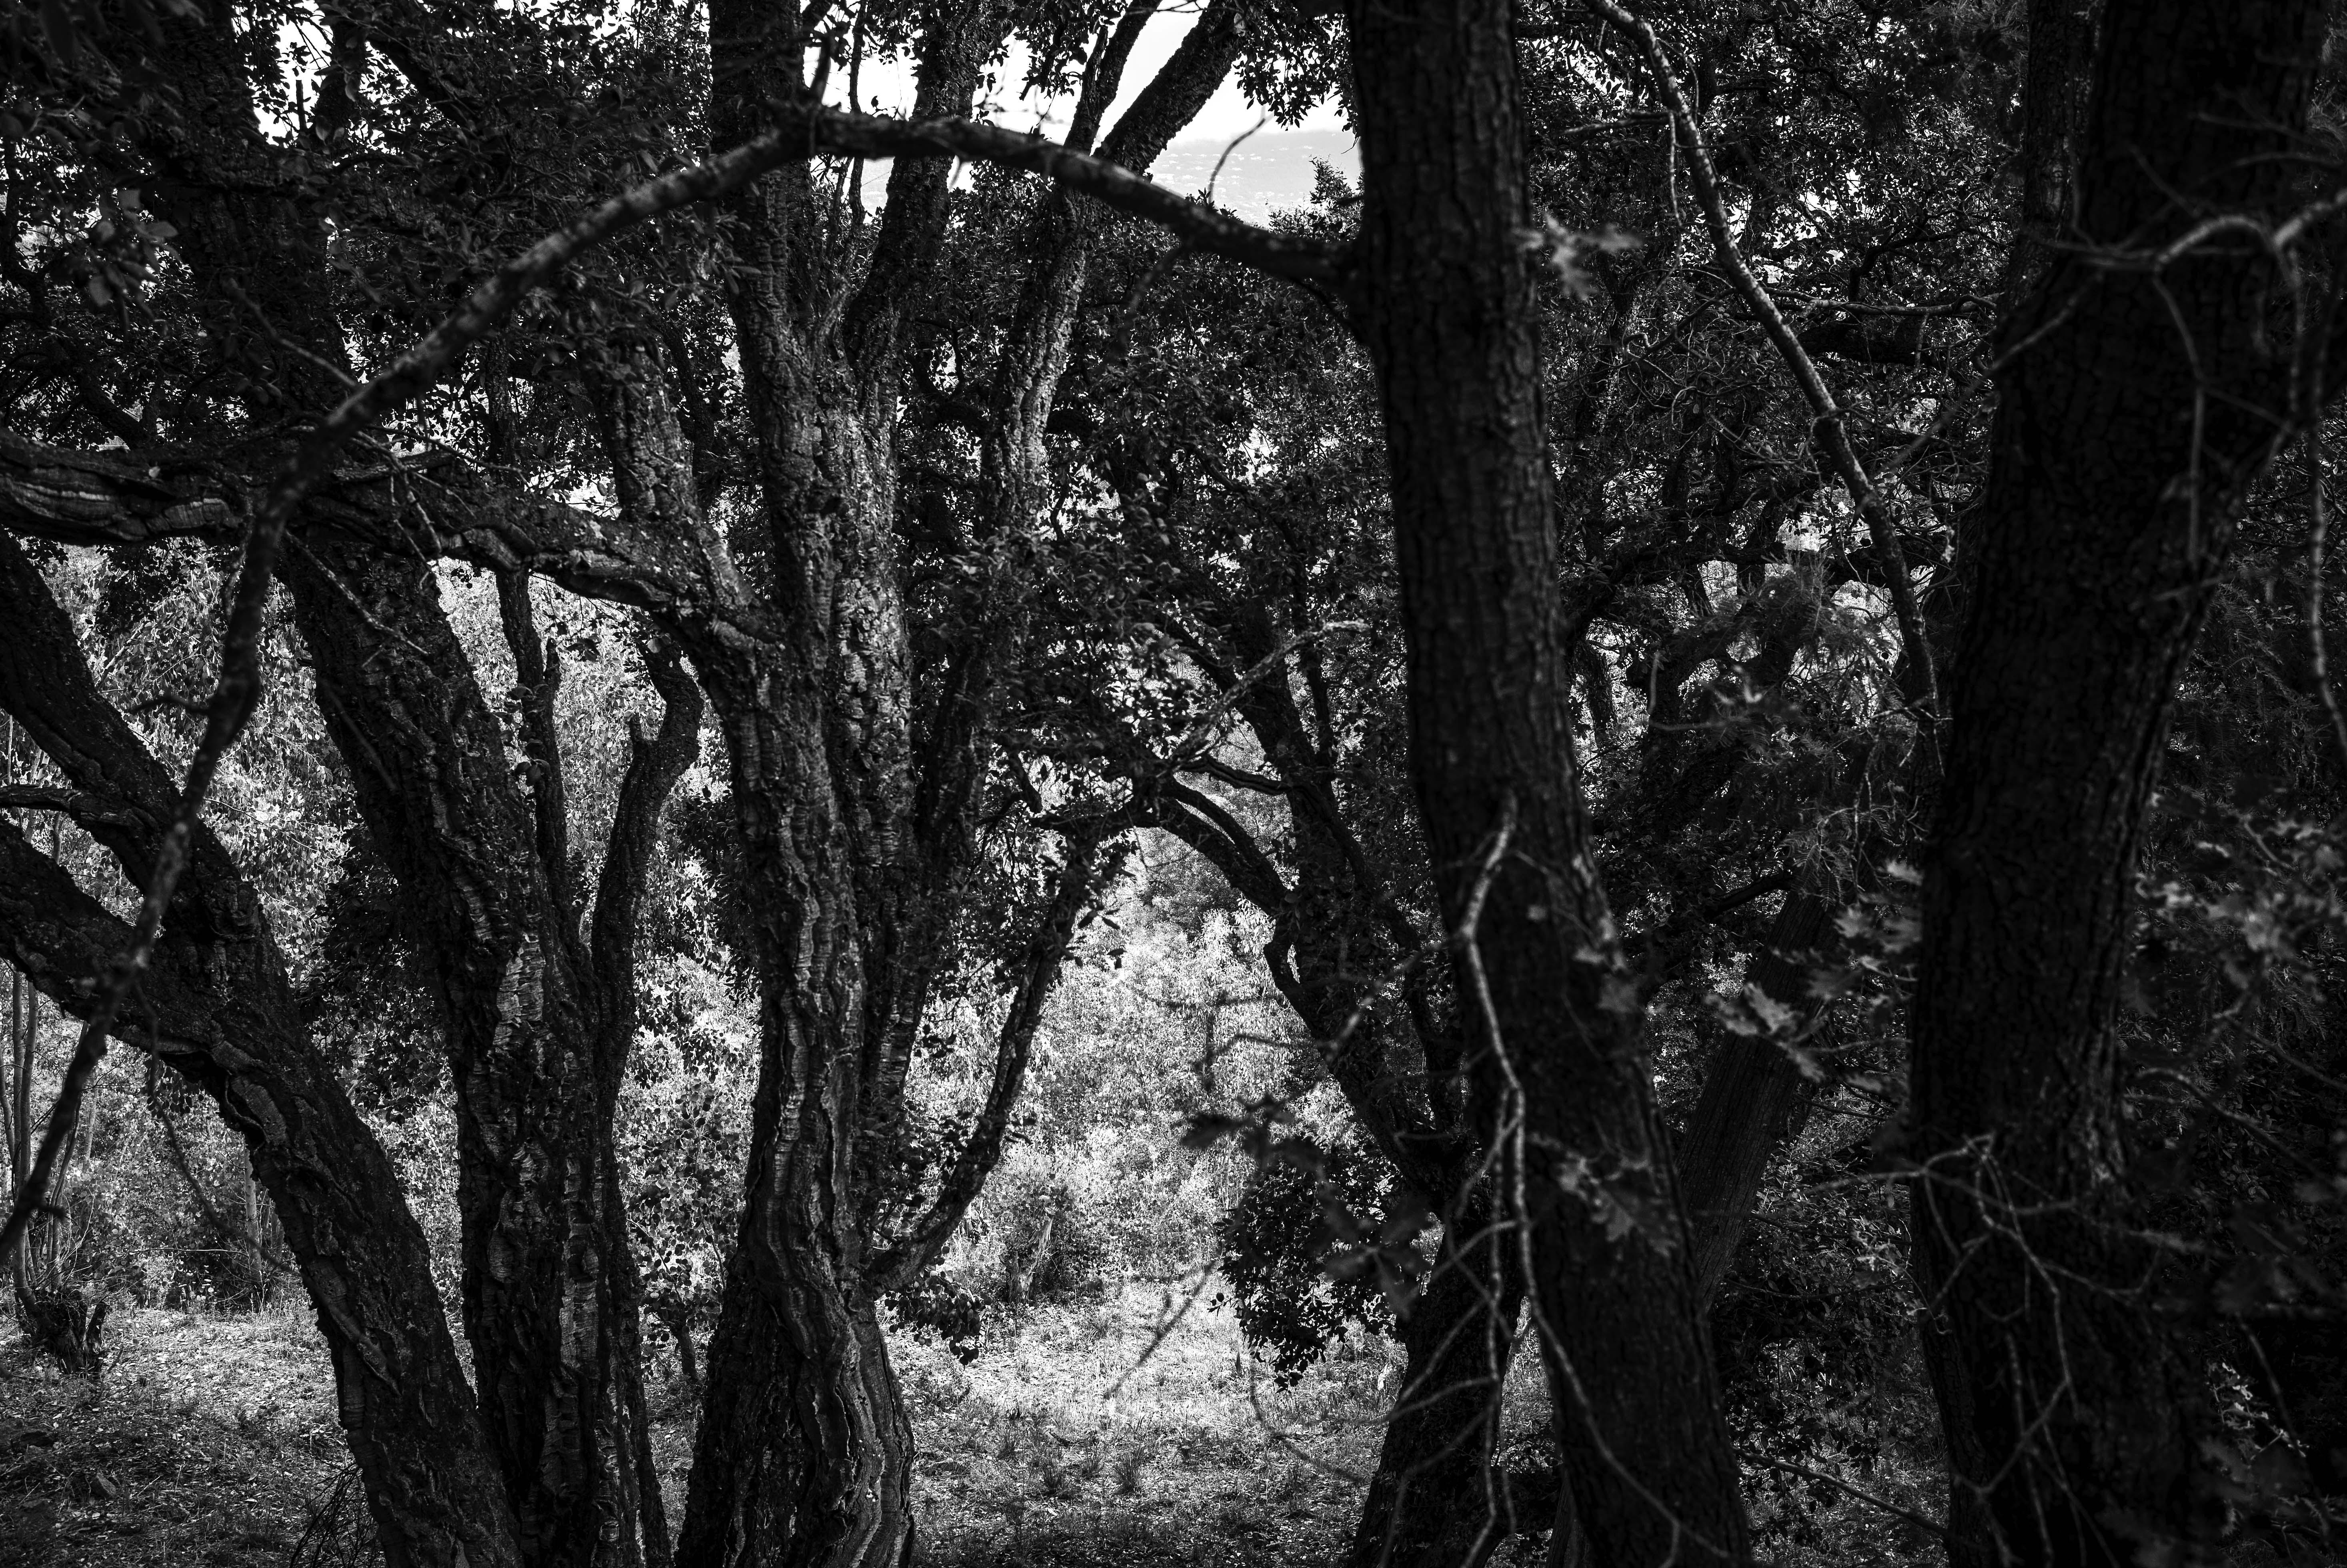 Sous bois, route de Tanneron, gildalliere, 2020